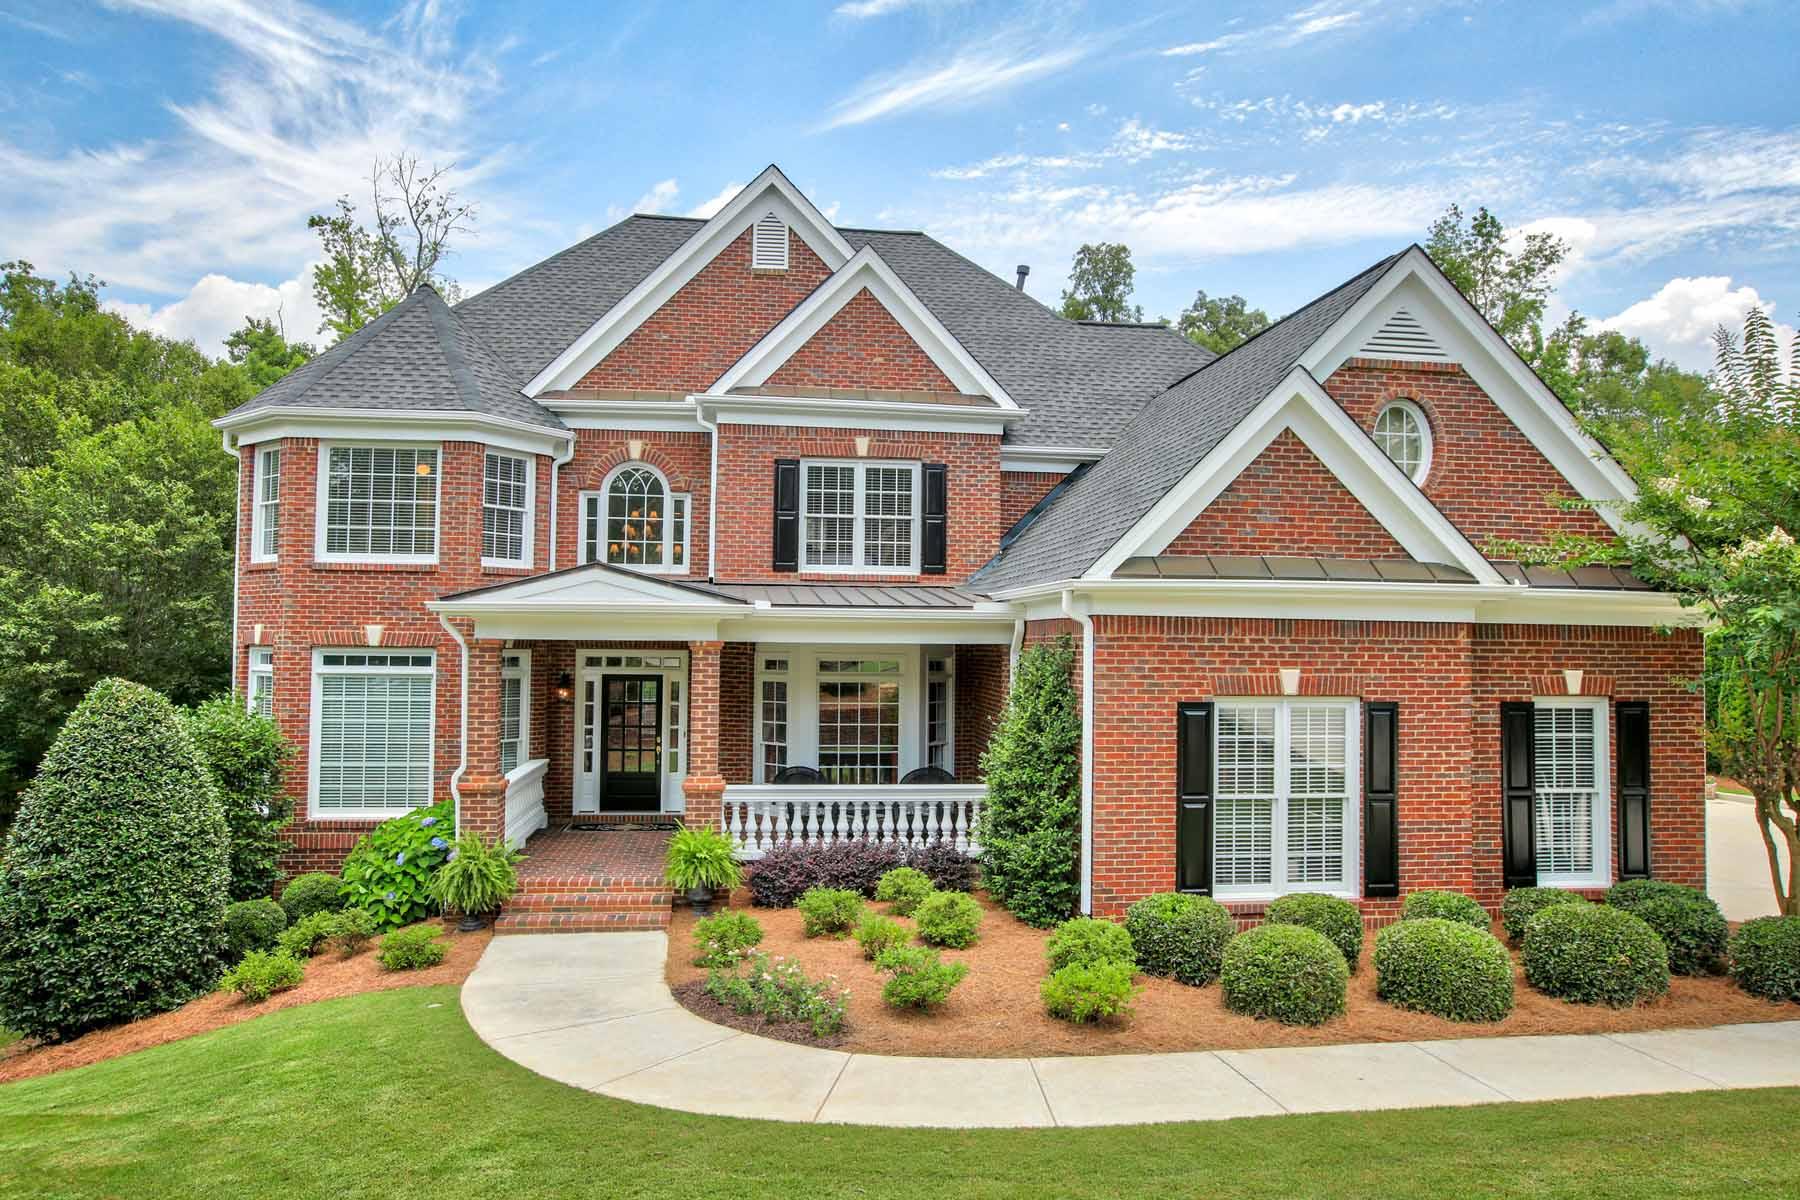 Tek Ailelik Ev için Satış at Spectacular Home, Perfect for Entertaining 8550 Royal Troon Drive Duluth, Georgia, 30097 Amerika Birleşik Devletleri